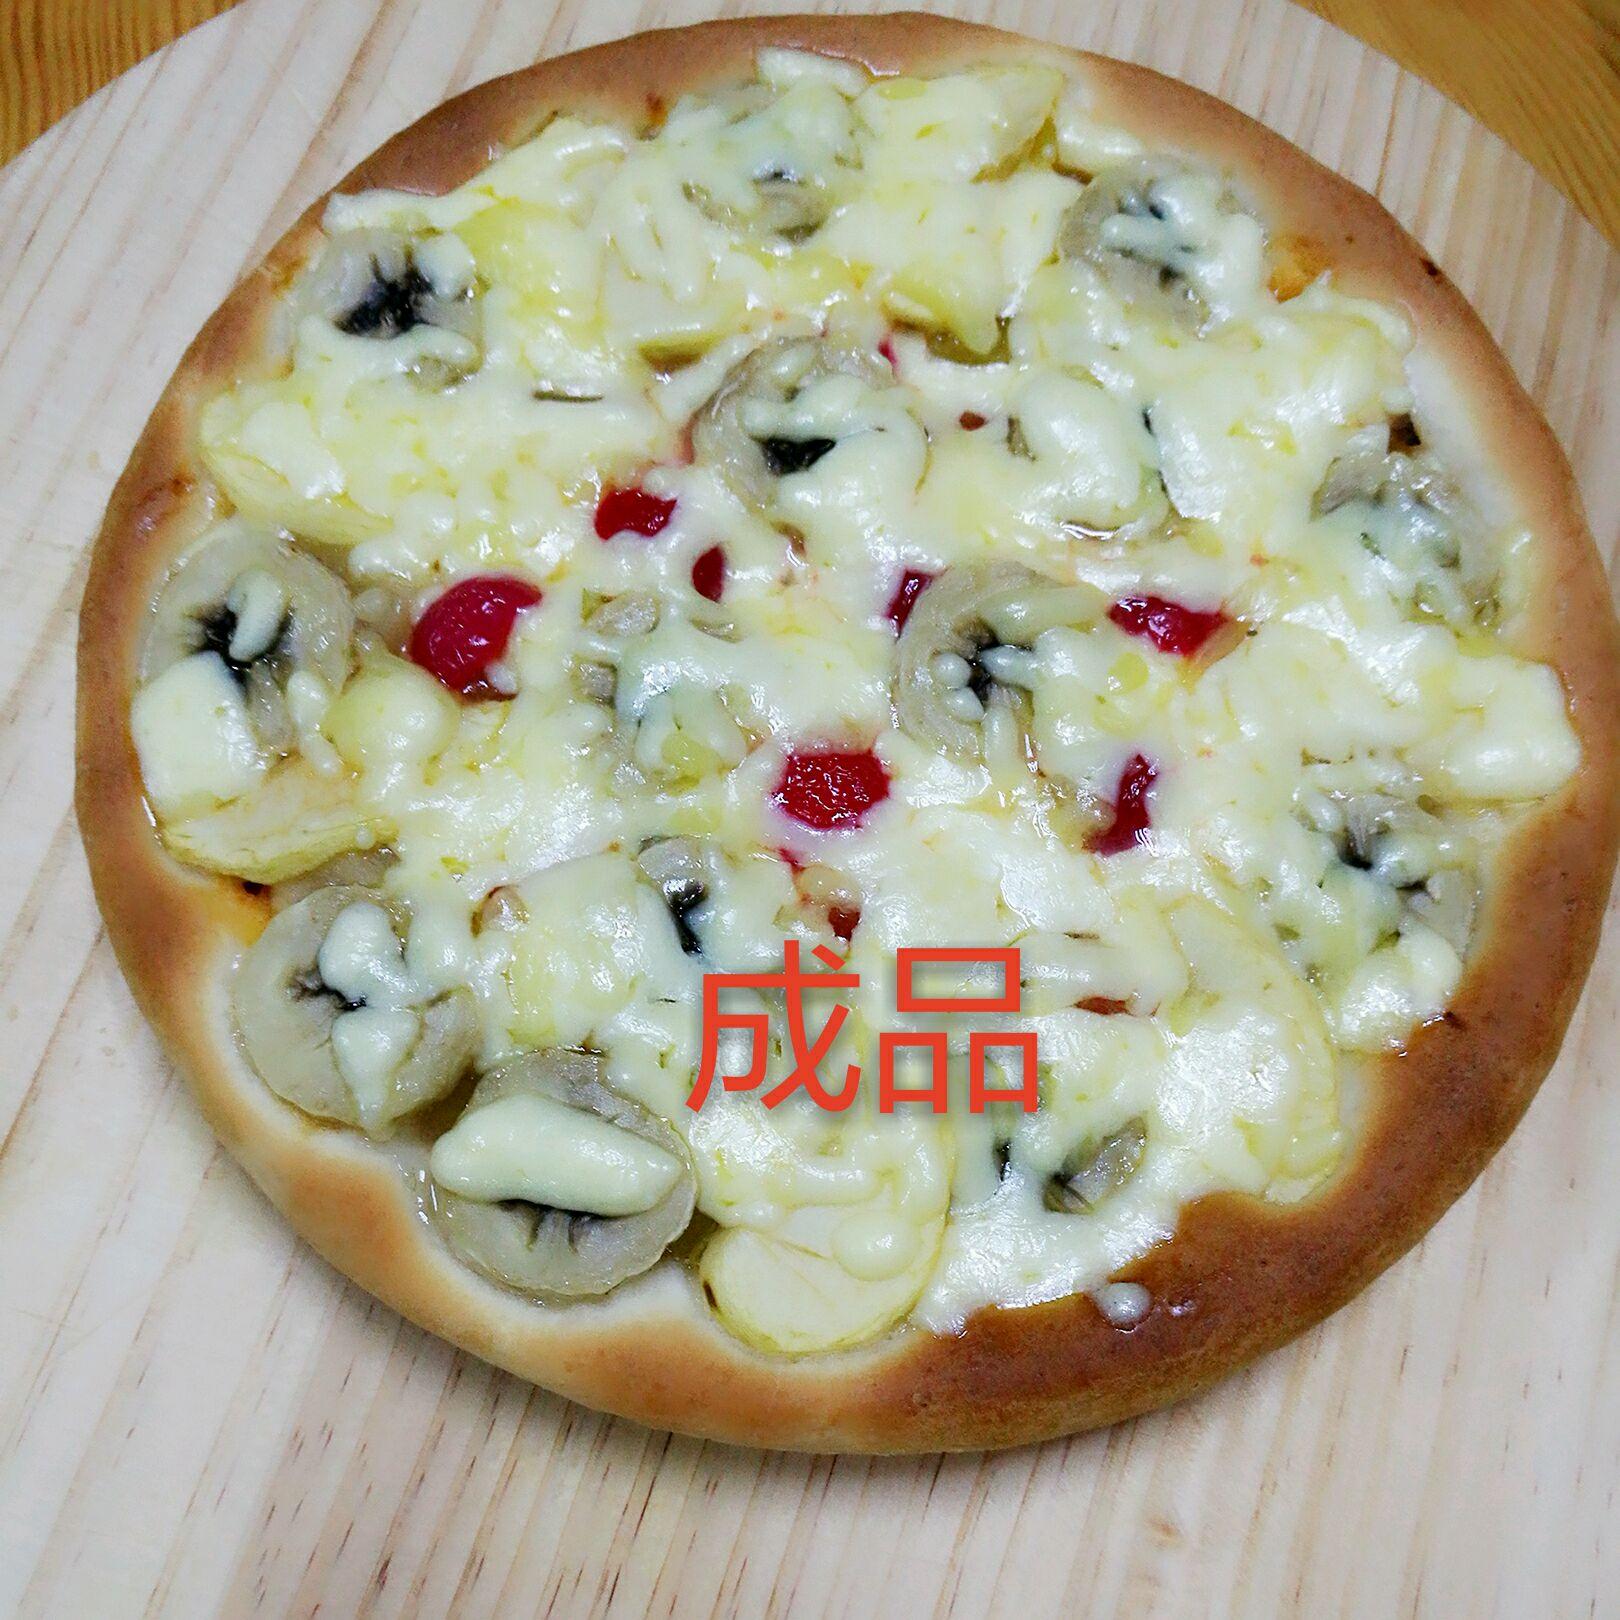 水果披萨的做法步骤